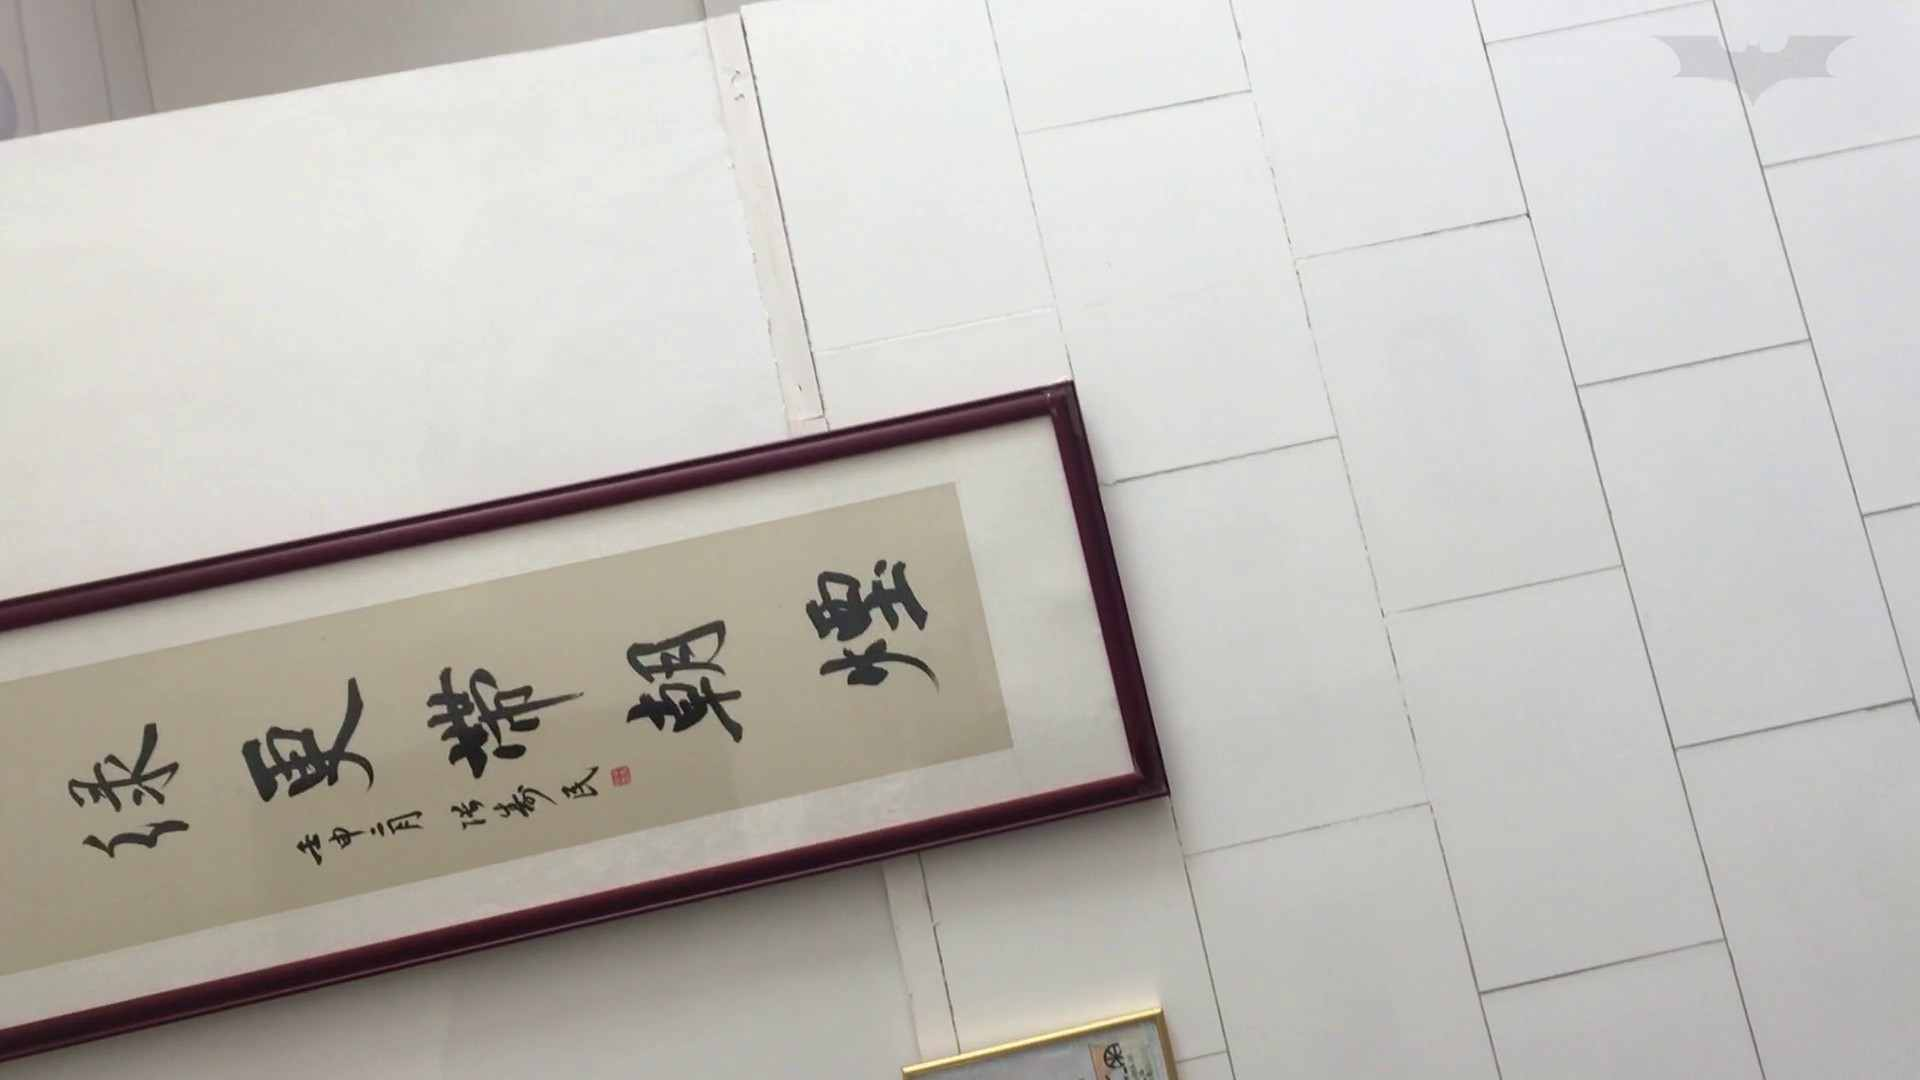 芸術大学ガチ潜入盗撮 JD盗撮 美女の洗面所の秘密 Vol.91 トイレ  84pic 29